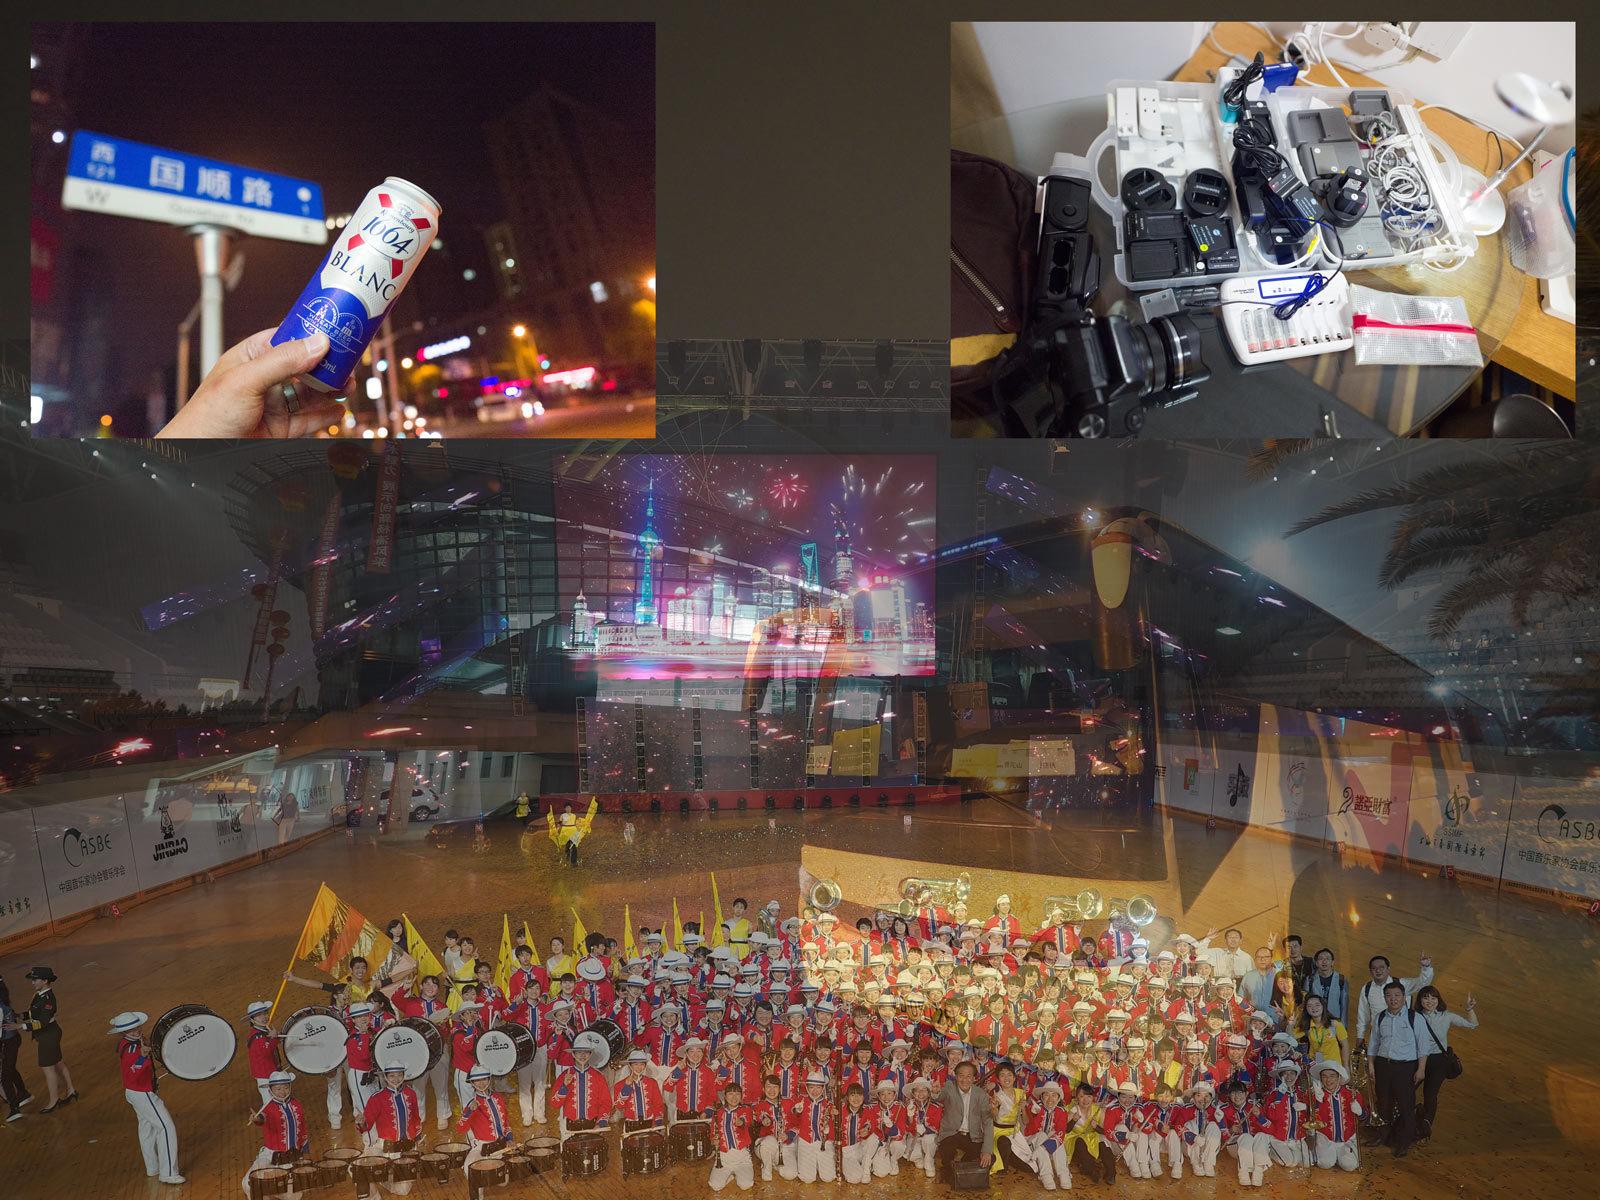 上海国際音楽祭 開門!_a0271402_08184552.jpg